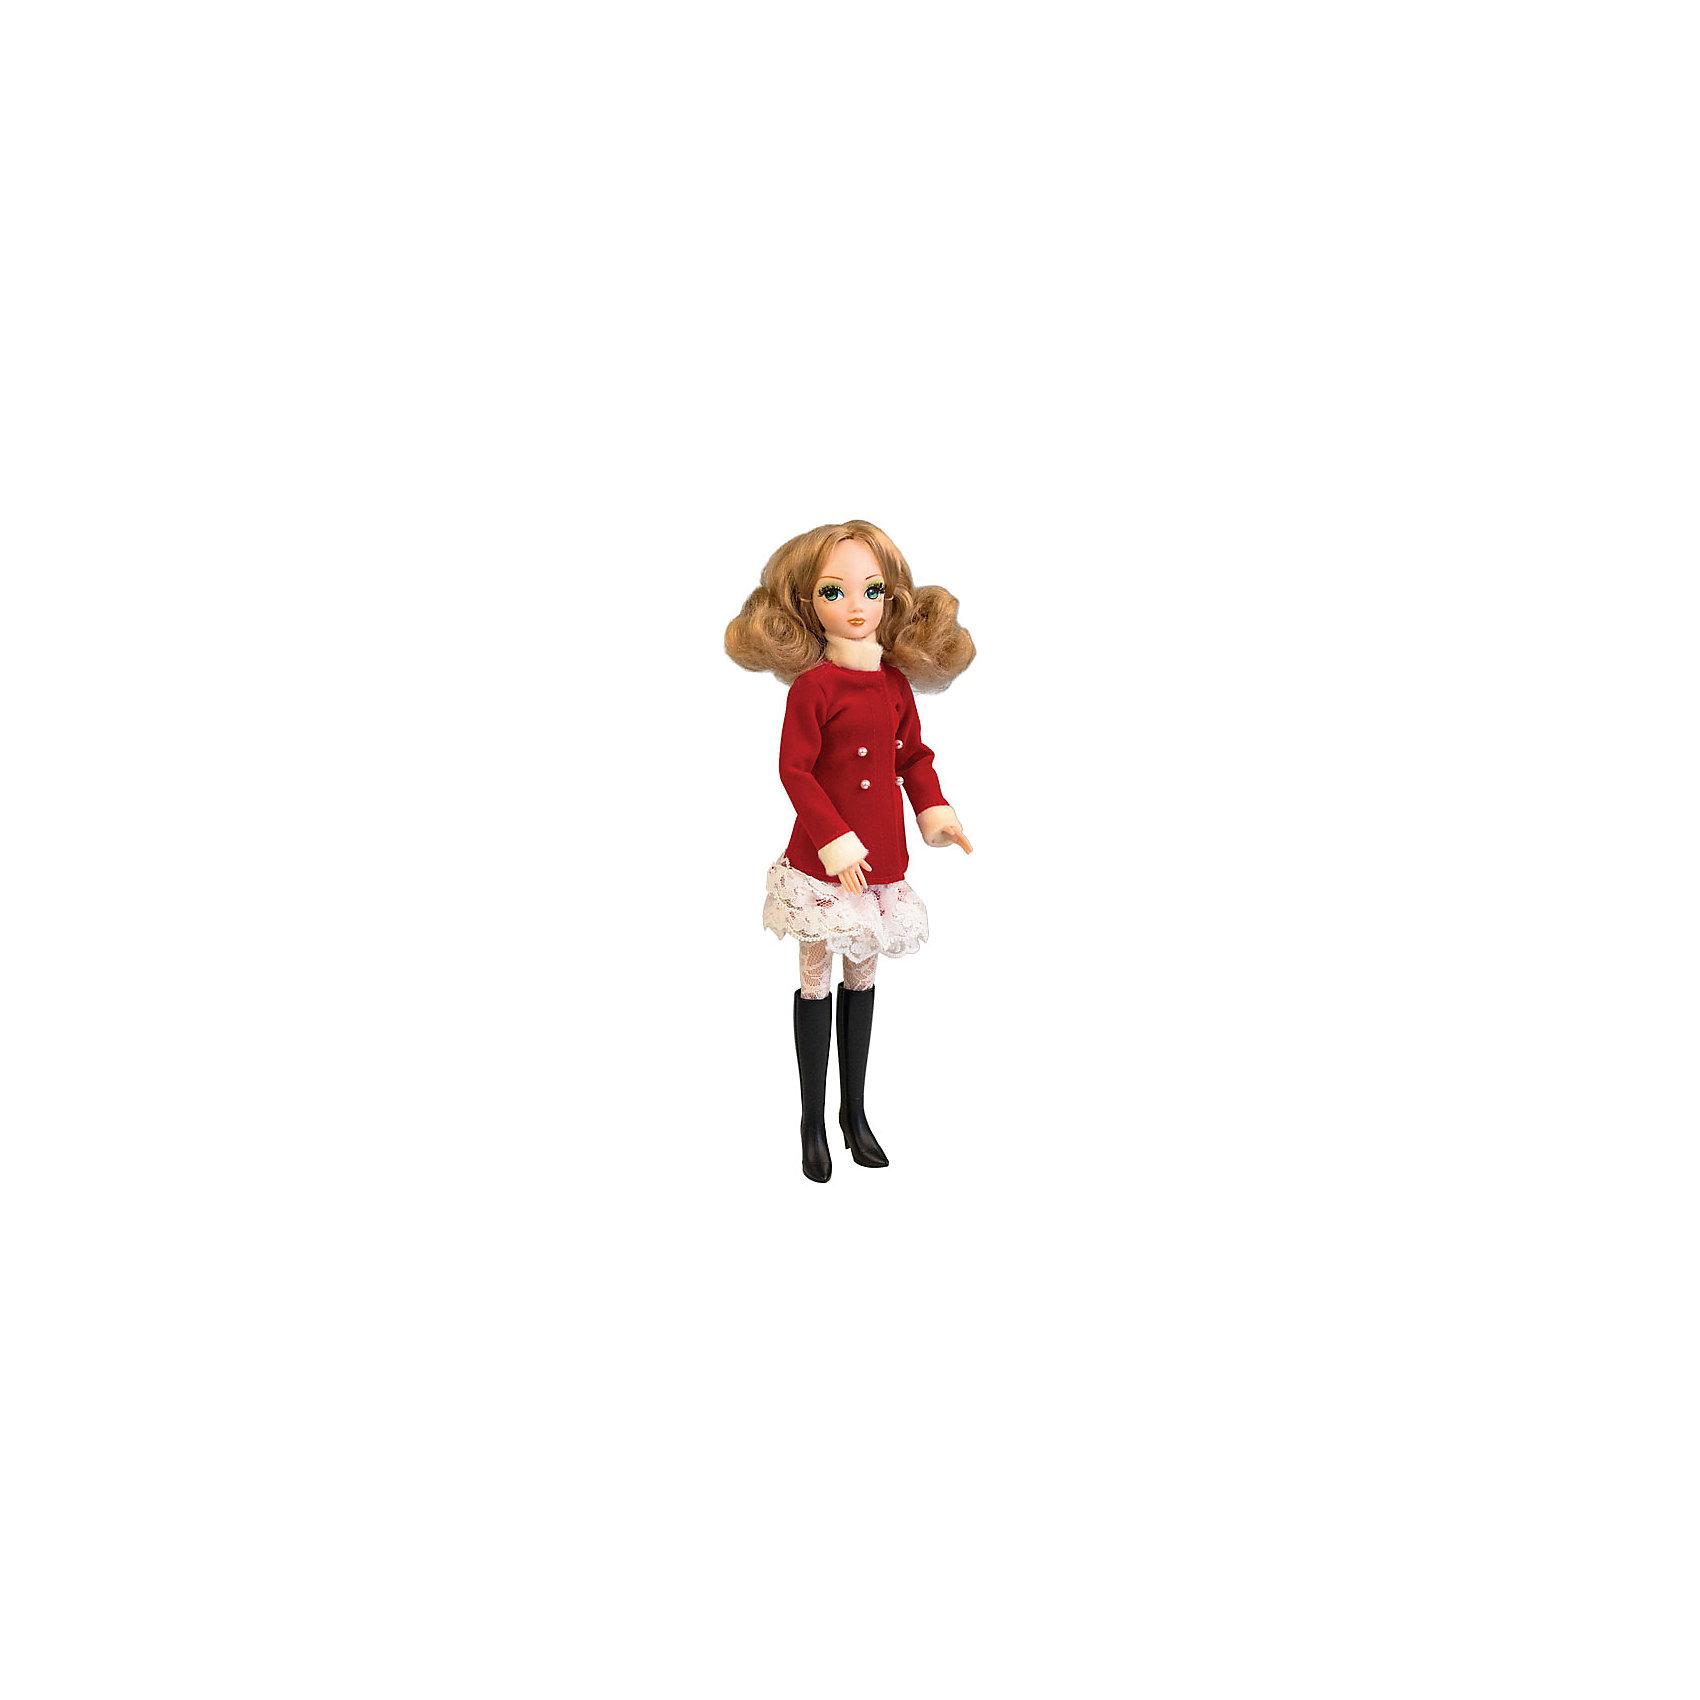 Кукла в красном пальто, серия Daily collection, Sonya RoseХарактеристики товара:<br><br>- цвет: разноцветный;<br>- материал: пластик, текстиль;<br>- особенности: подвижные руки и ноги, голова;<br>- размер упаковки: 17х34х7 см;<br>- комплектация: кукла, одежда, аксессуары;<br>- размер куклы: 27 см.<br><br>Такие красивые куклы не оставят ребенка равнодушным! Какая девочка откажется поиграть с куклой в стильном наряде?! Игрушка хорошо детализирована, очень качественно выполнена, поэтому она станет отличным подарком ребенку. В наборе идут одежда и аксессуары, которые можно снять!<br>При играх с куклами у детей активизируется мышление, воображение, развиваются творческие способности, нарабатываются варианты социального взаимодействия, дети учатся заботиться о других. Изделие произведено из высококачественного материала, безопасного для детей.<br><br>Куклу в красном пальто, серия Daily collection, от бренда Sonya Rose можно купить в нашем интернет-магазине.<br><br>Ширина мм: 170<br>Глубина мм: 340<br>Высота мм: 70<br>Вес г: 345<br>Возраст от месяцев: 36<br>Возраст до месяцев: 2147483647<br>Пол: Женский<br>Возраст: Детский<br>SKU: 5079160